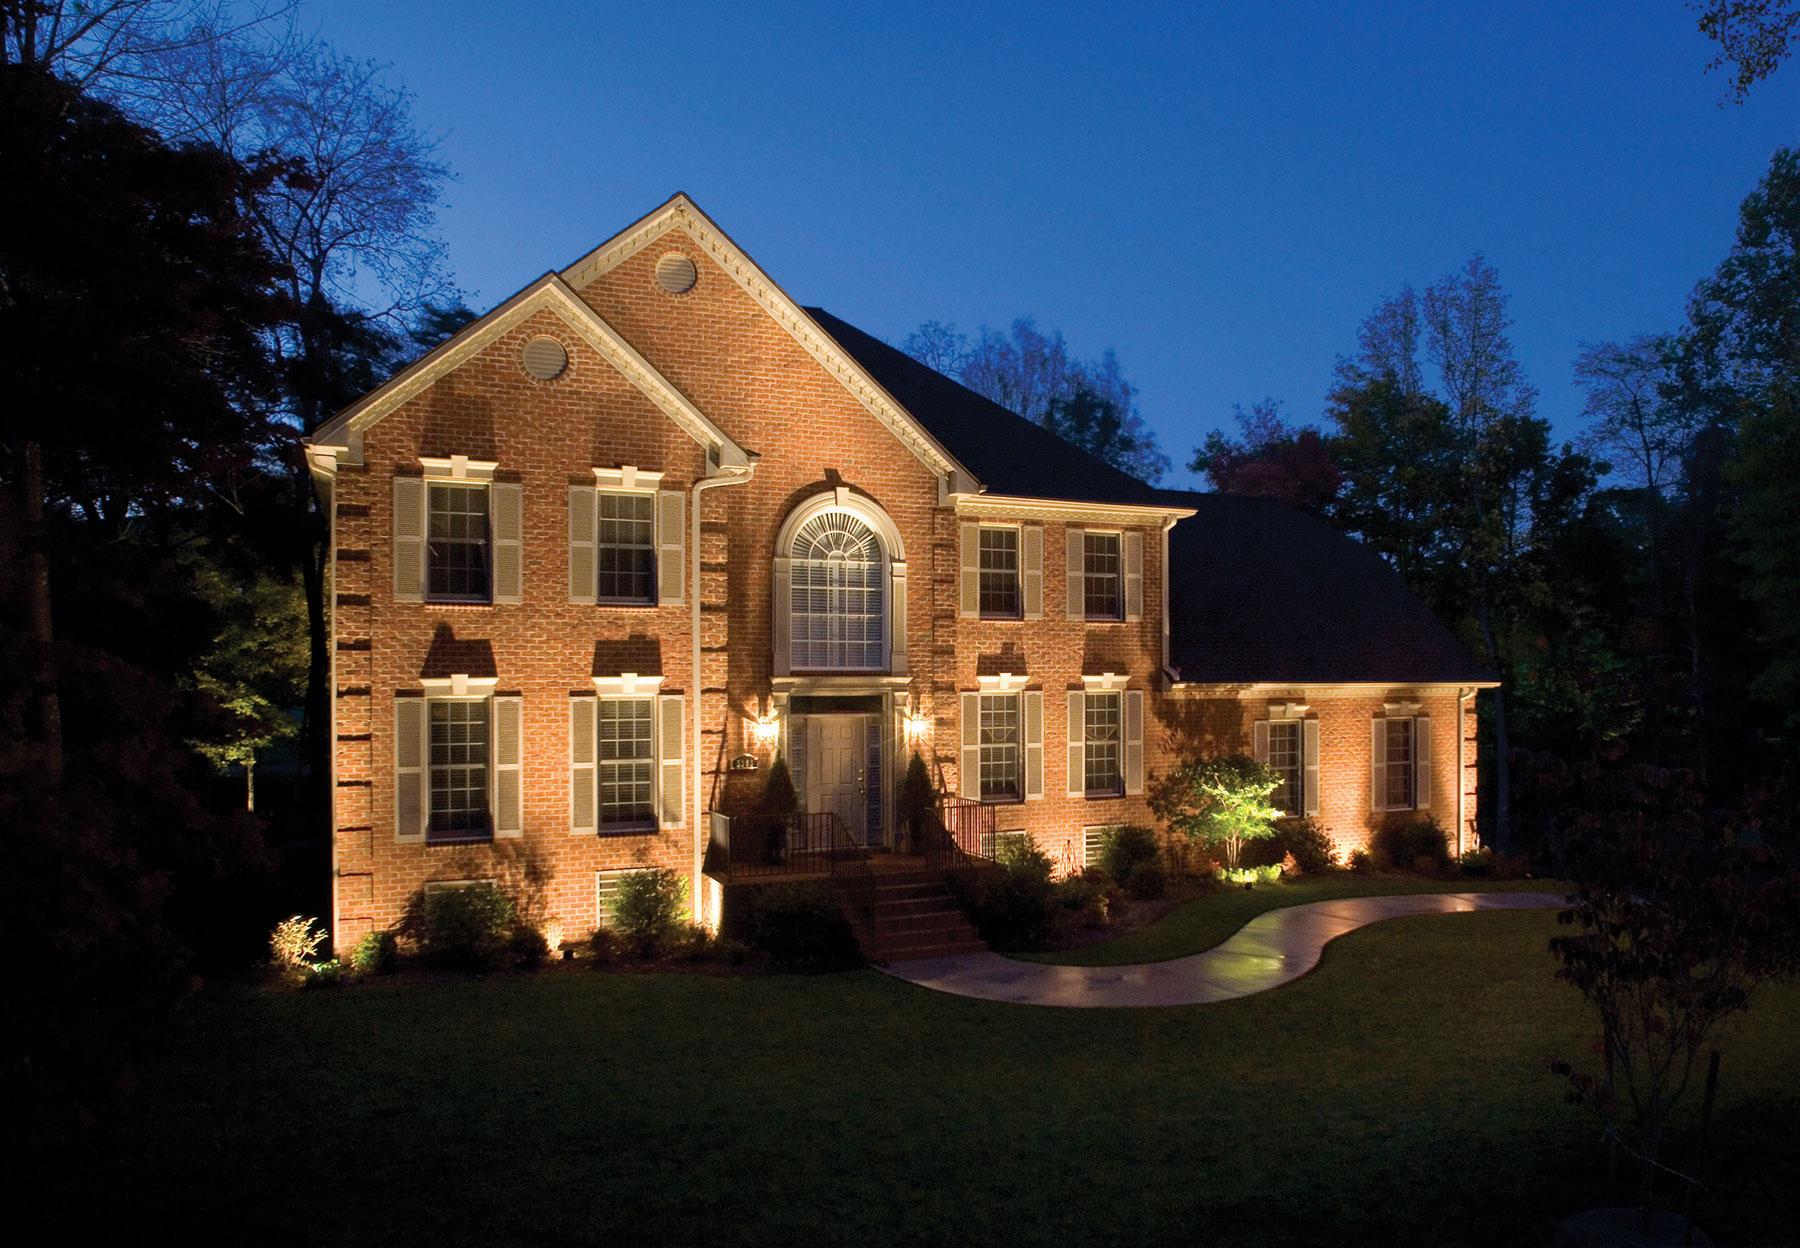 Waxhaw weddington marvin and wesley chapel outdoor lighting weddington outdoor lighting aloadofball Image collections